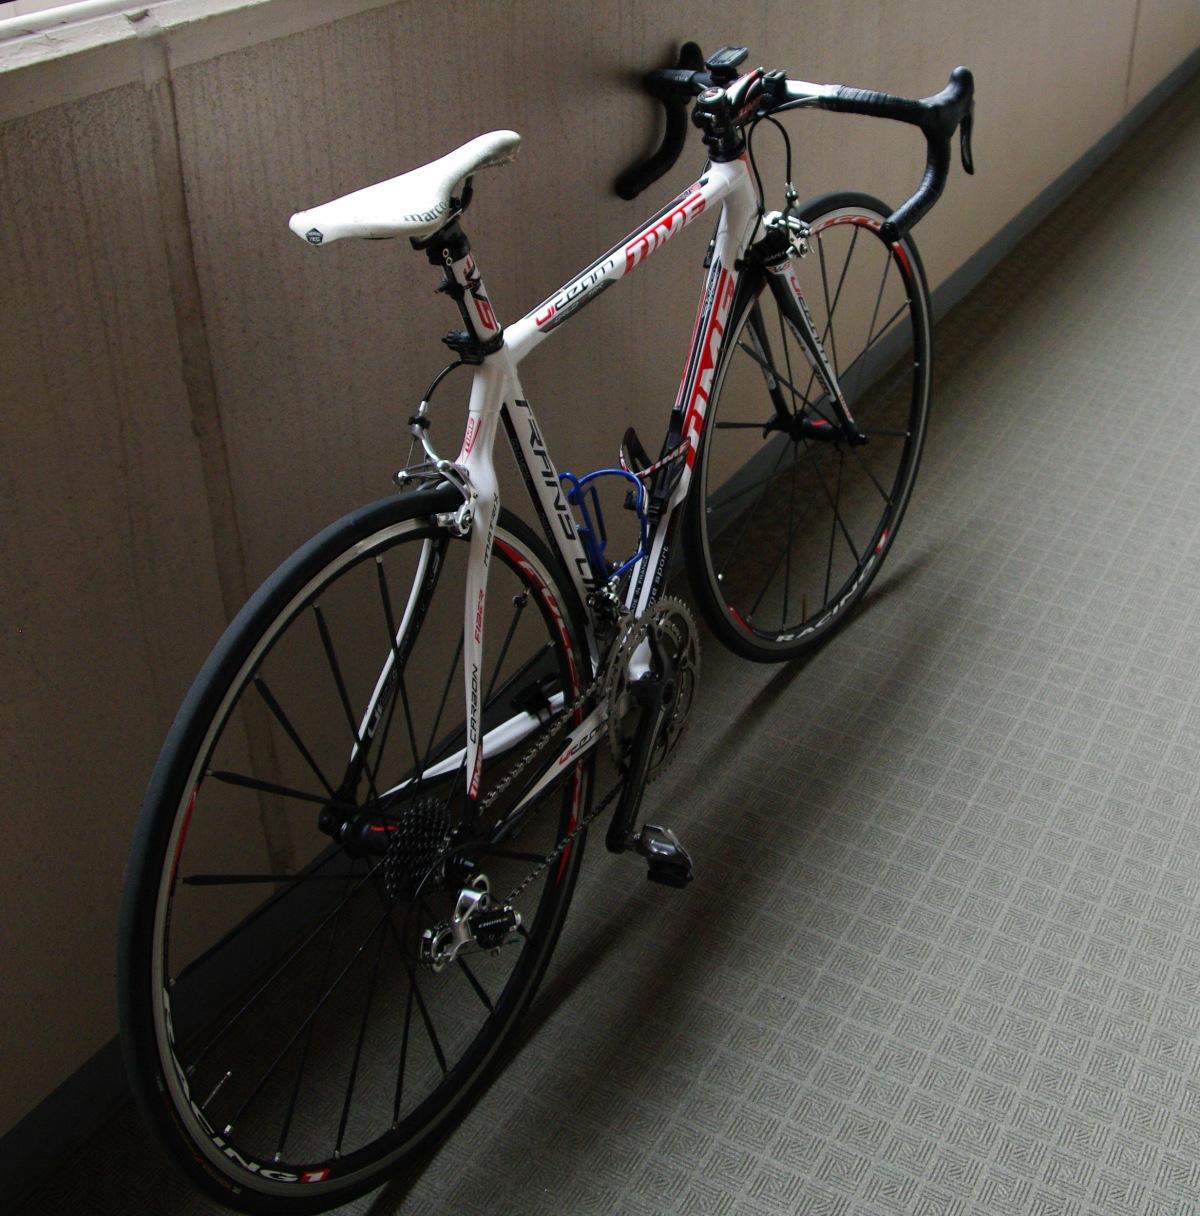 http://pds.exblog.jp/pds/1/201005/29/77 ...